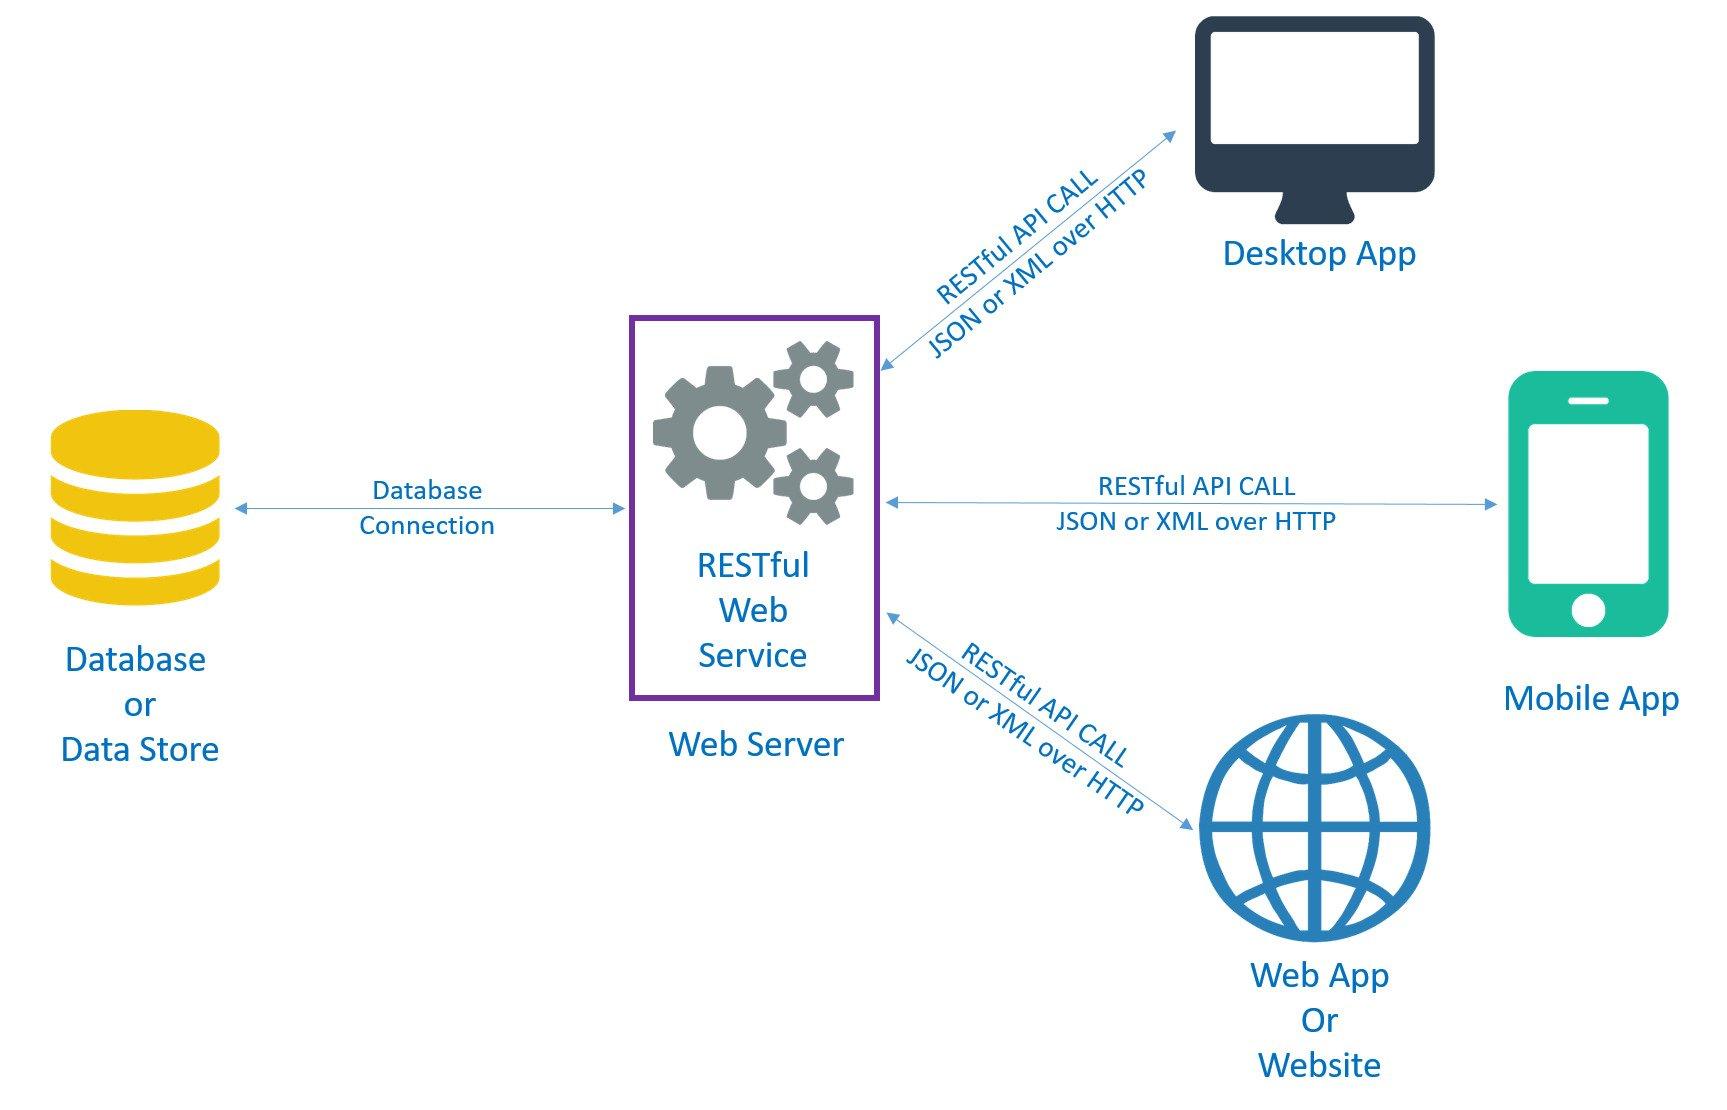 Quy trình làm việc với API của ứng dụng